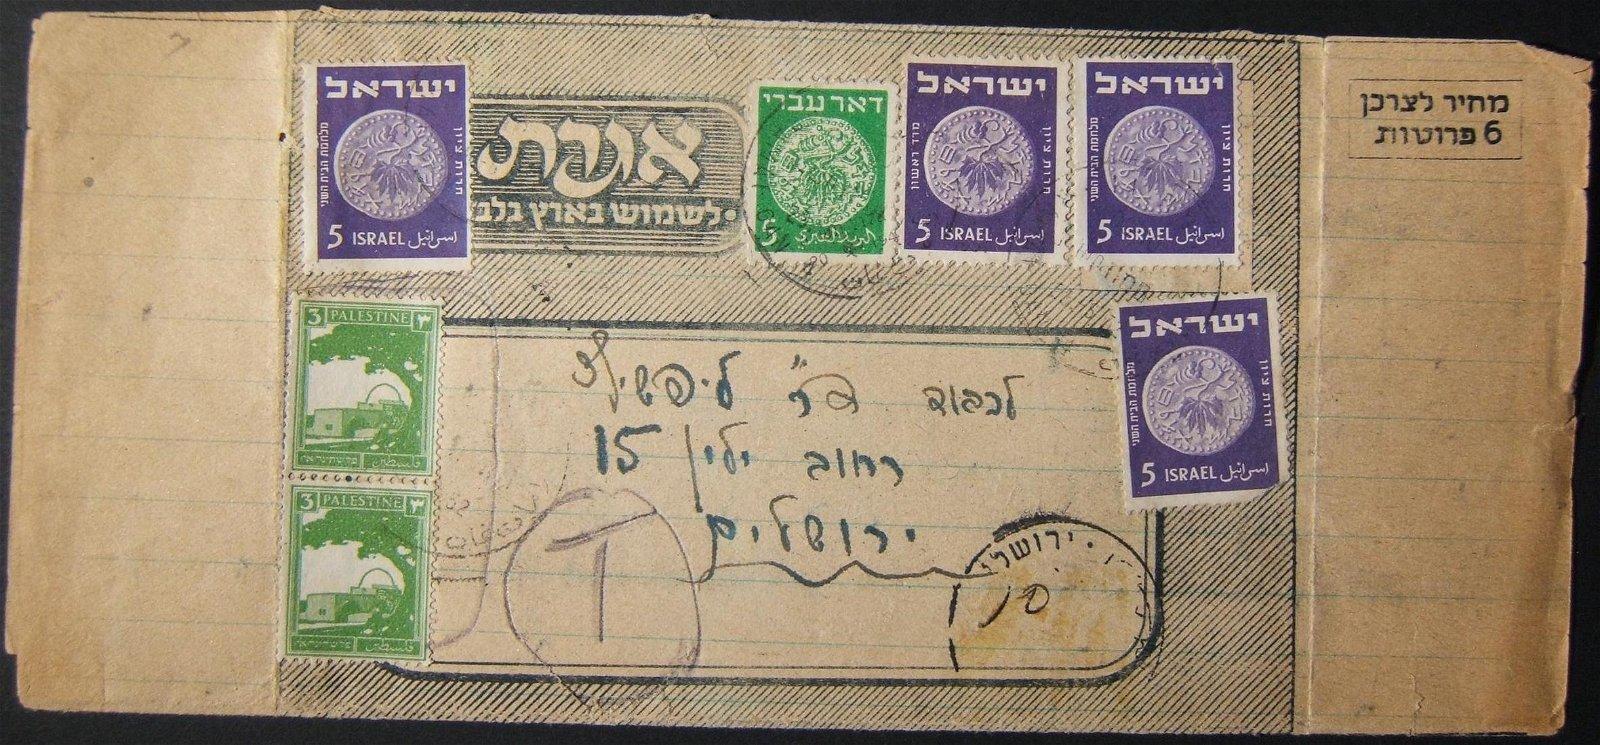 29-6-1952 Ramat Gan to JLEM falsely franked &